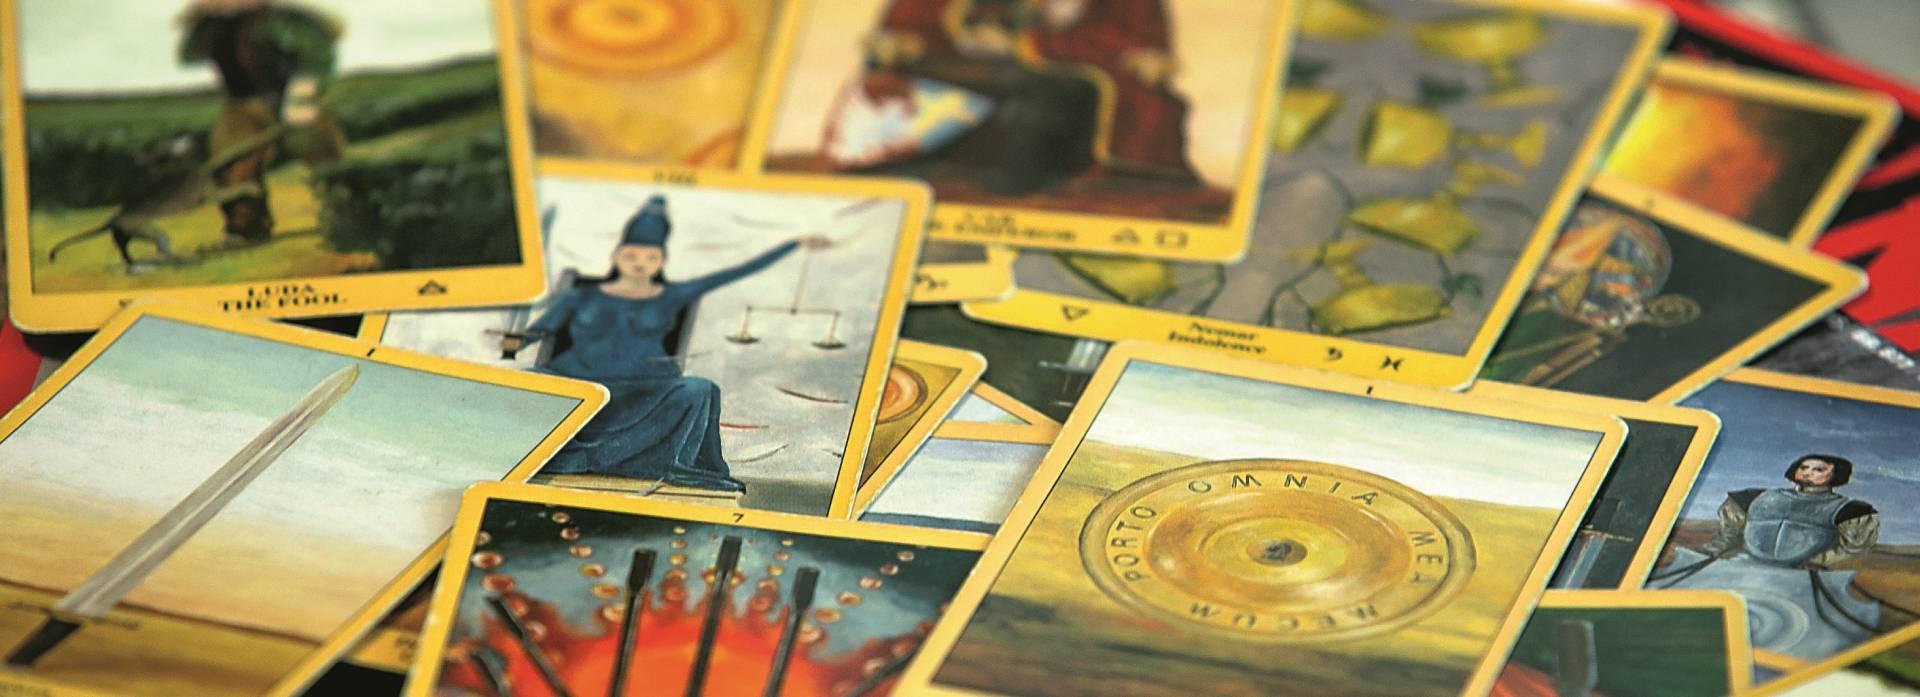 PROČITAJTE U NACIONALU 'Procvat industrije TV astrologije, tarota i numerologije usred recesije'